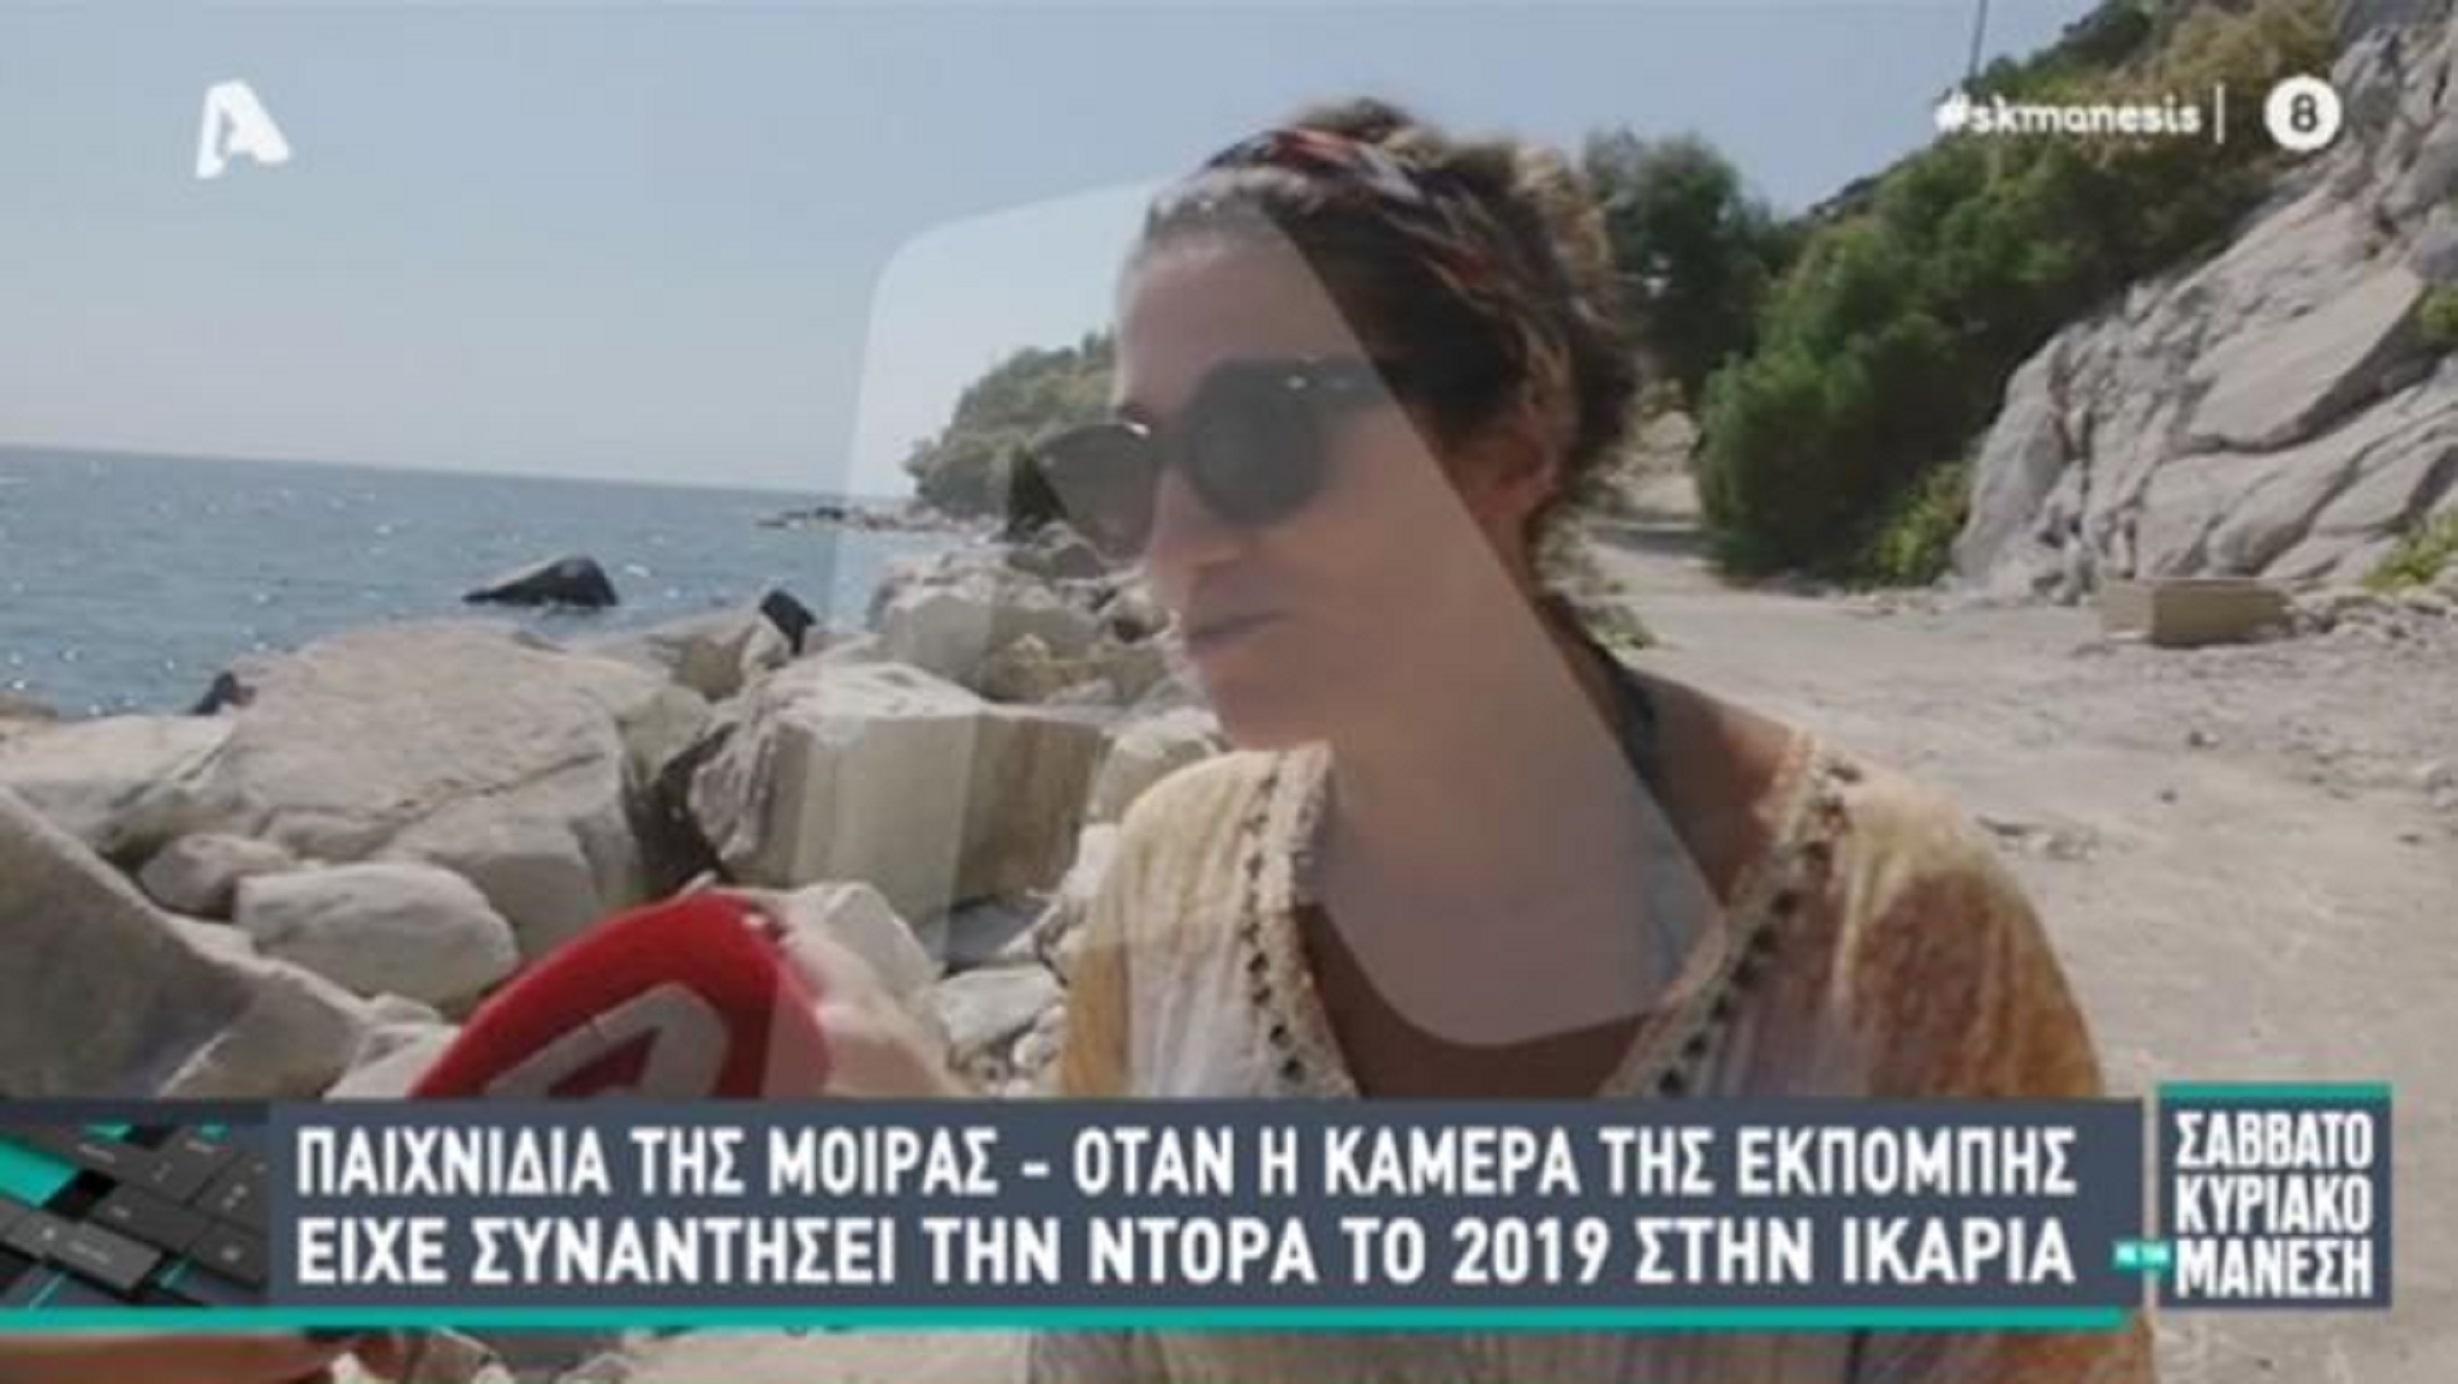 Έγκλημα στη Ρόδο: Όταν η αδικοχαμένη Ντόρα μιλούσε το 2019 στην εκπομπή του Νίκου Μάνεση